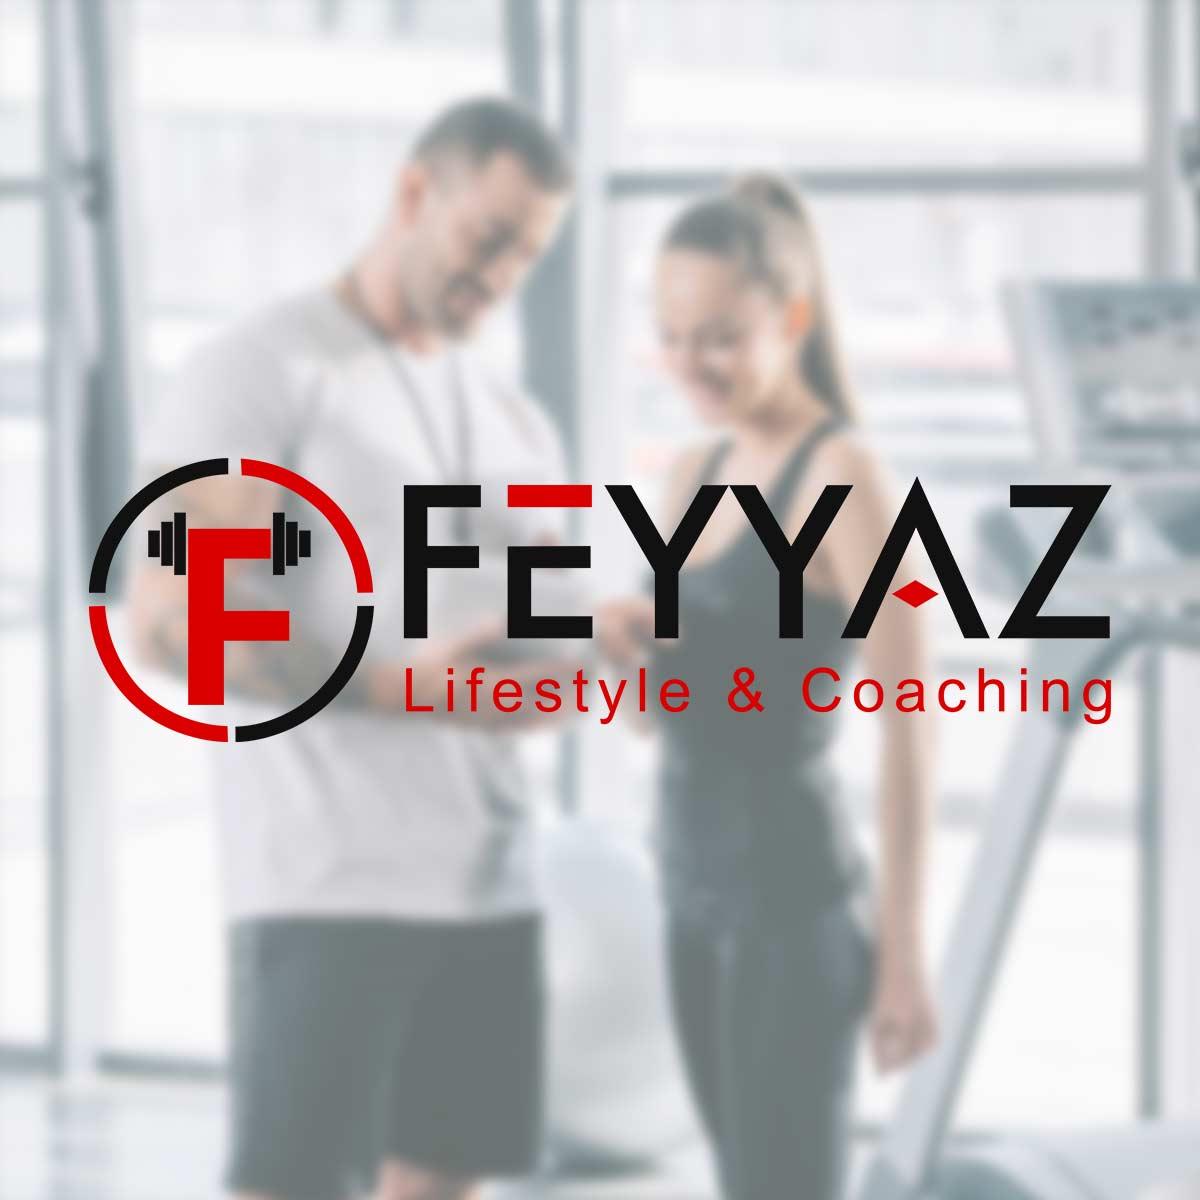 Feyyaz Lifestyle & Coaching | DesignMyLogo